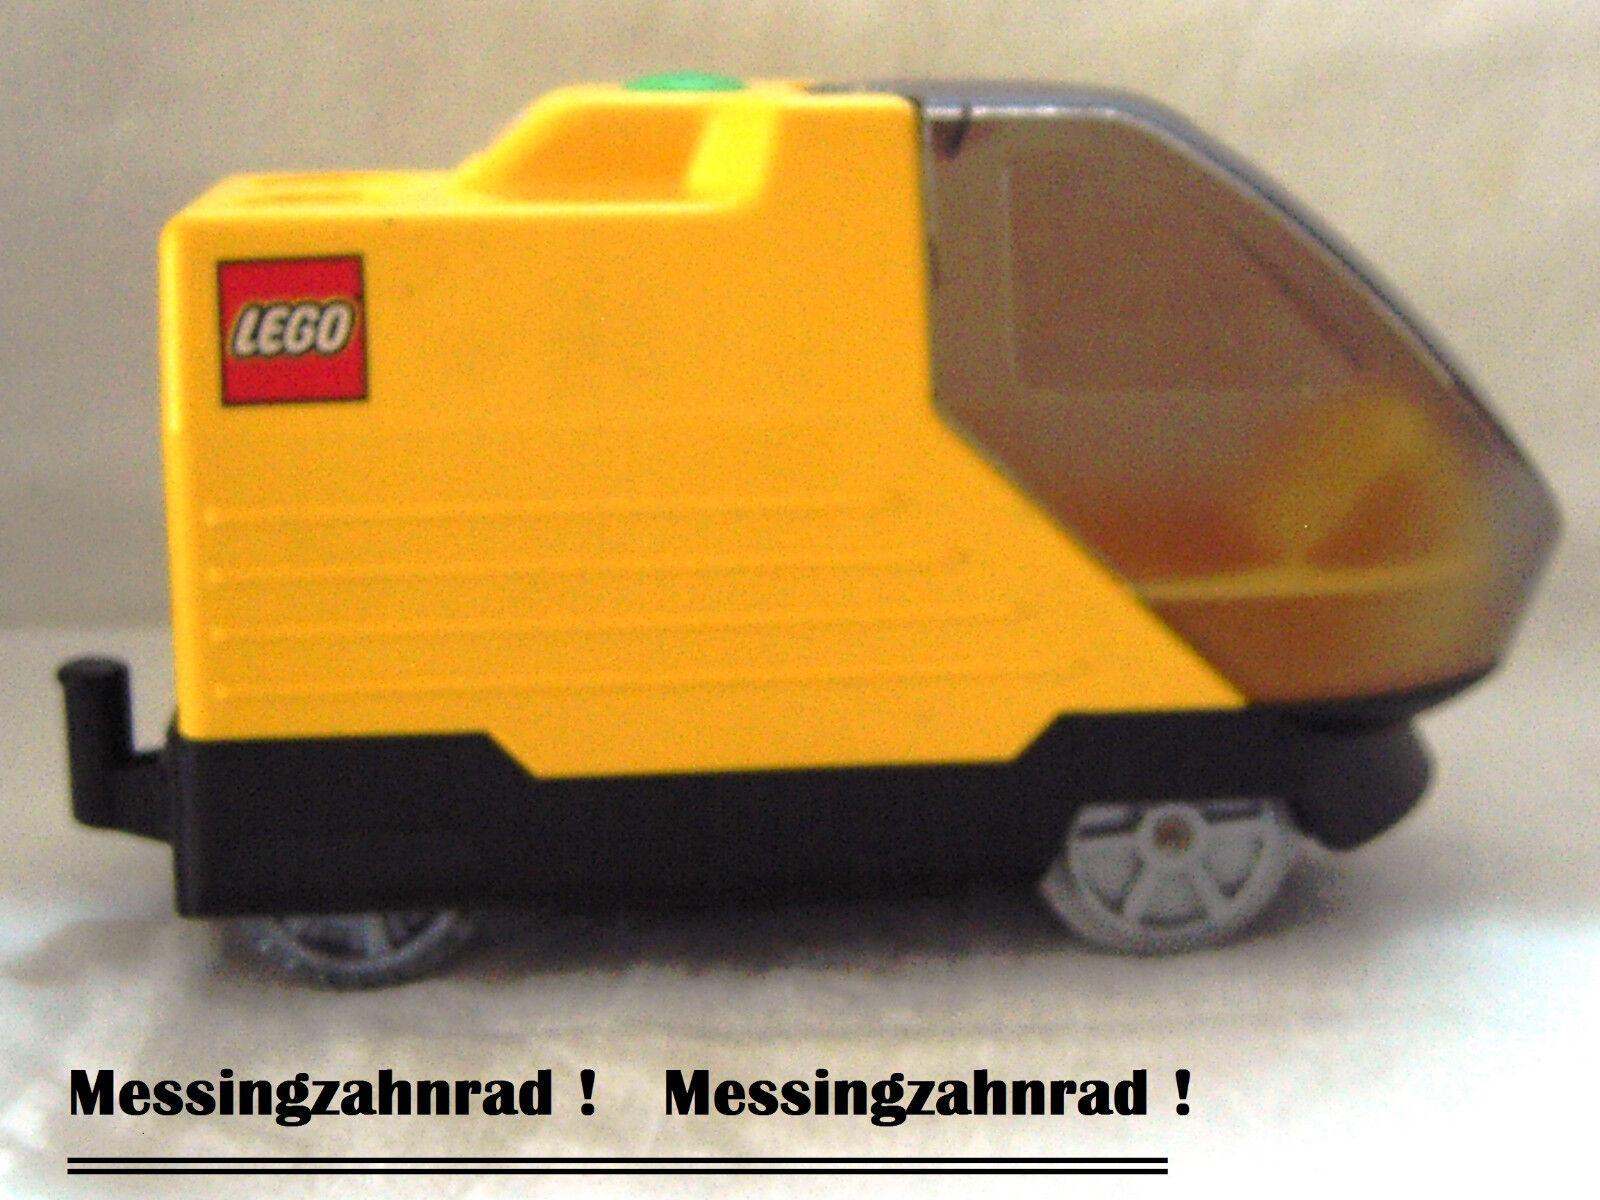 LEGO Duplo Eisenbahn elektrische Intelli Lok ZUG Batterie Betrieb Messingzahnrad